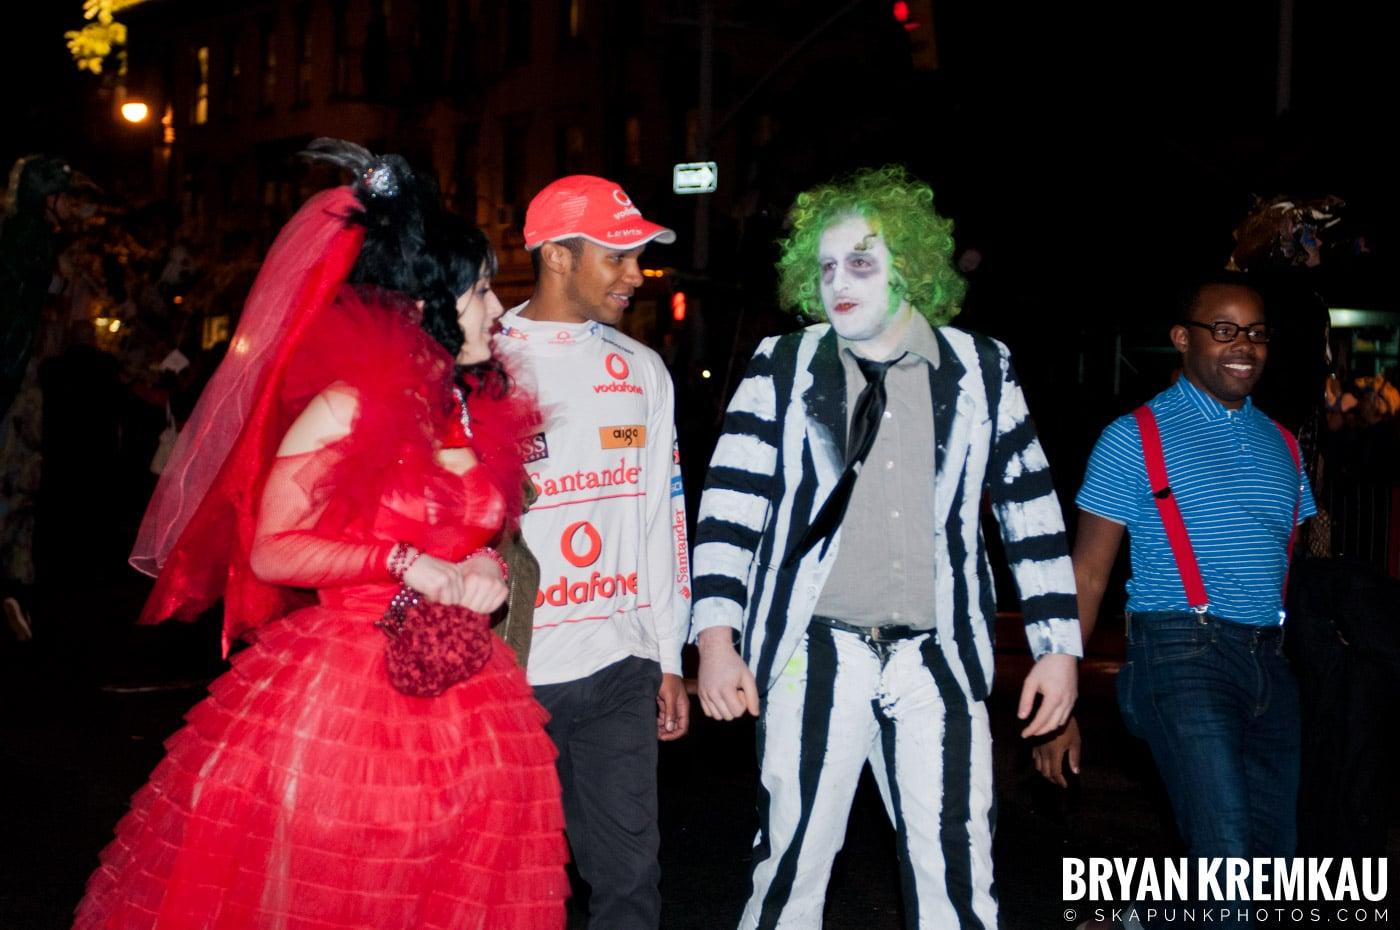 NYC Halloween Parade 2011 @ New York, NY - 10.31.11 (95)